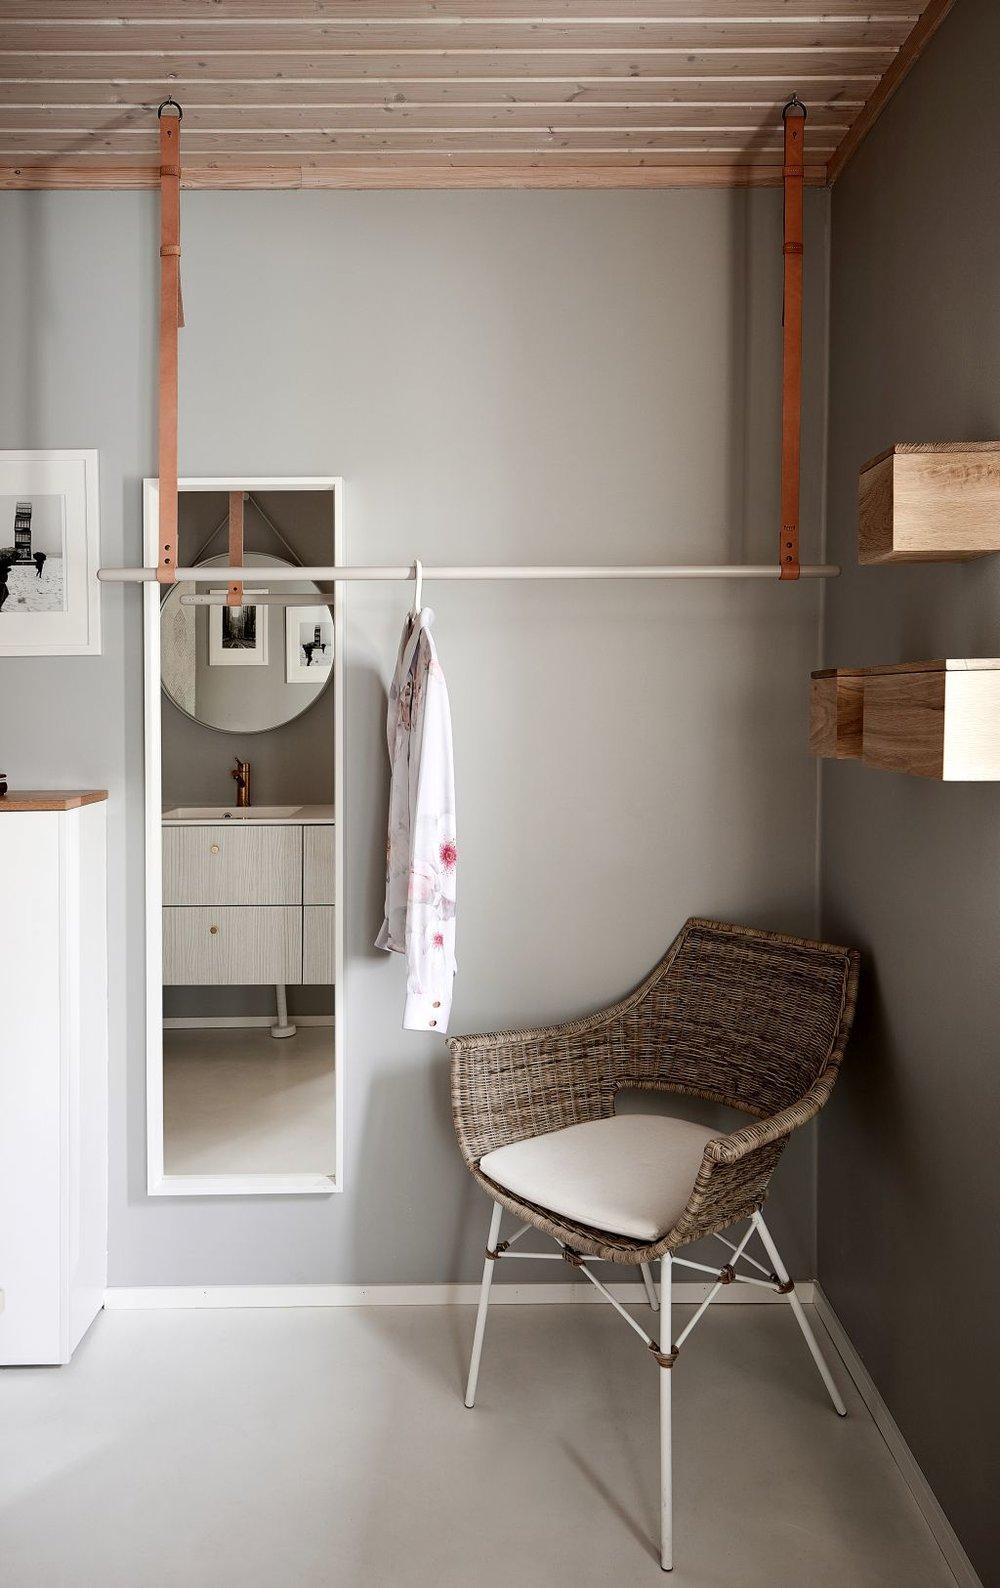 interior-anna-koponen-08 p.jpg